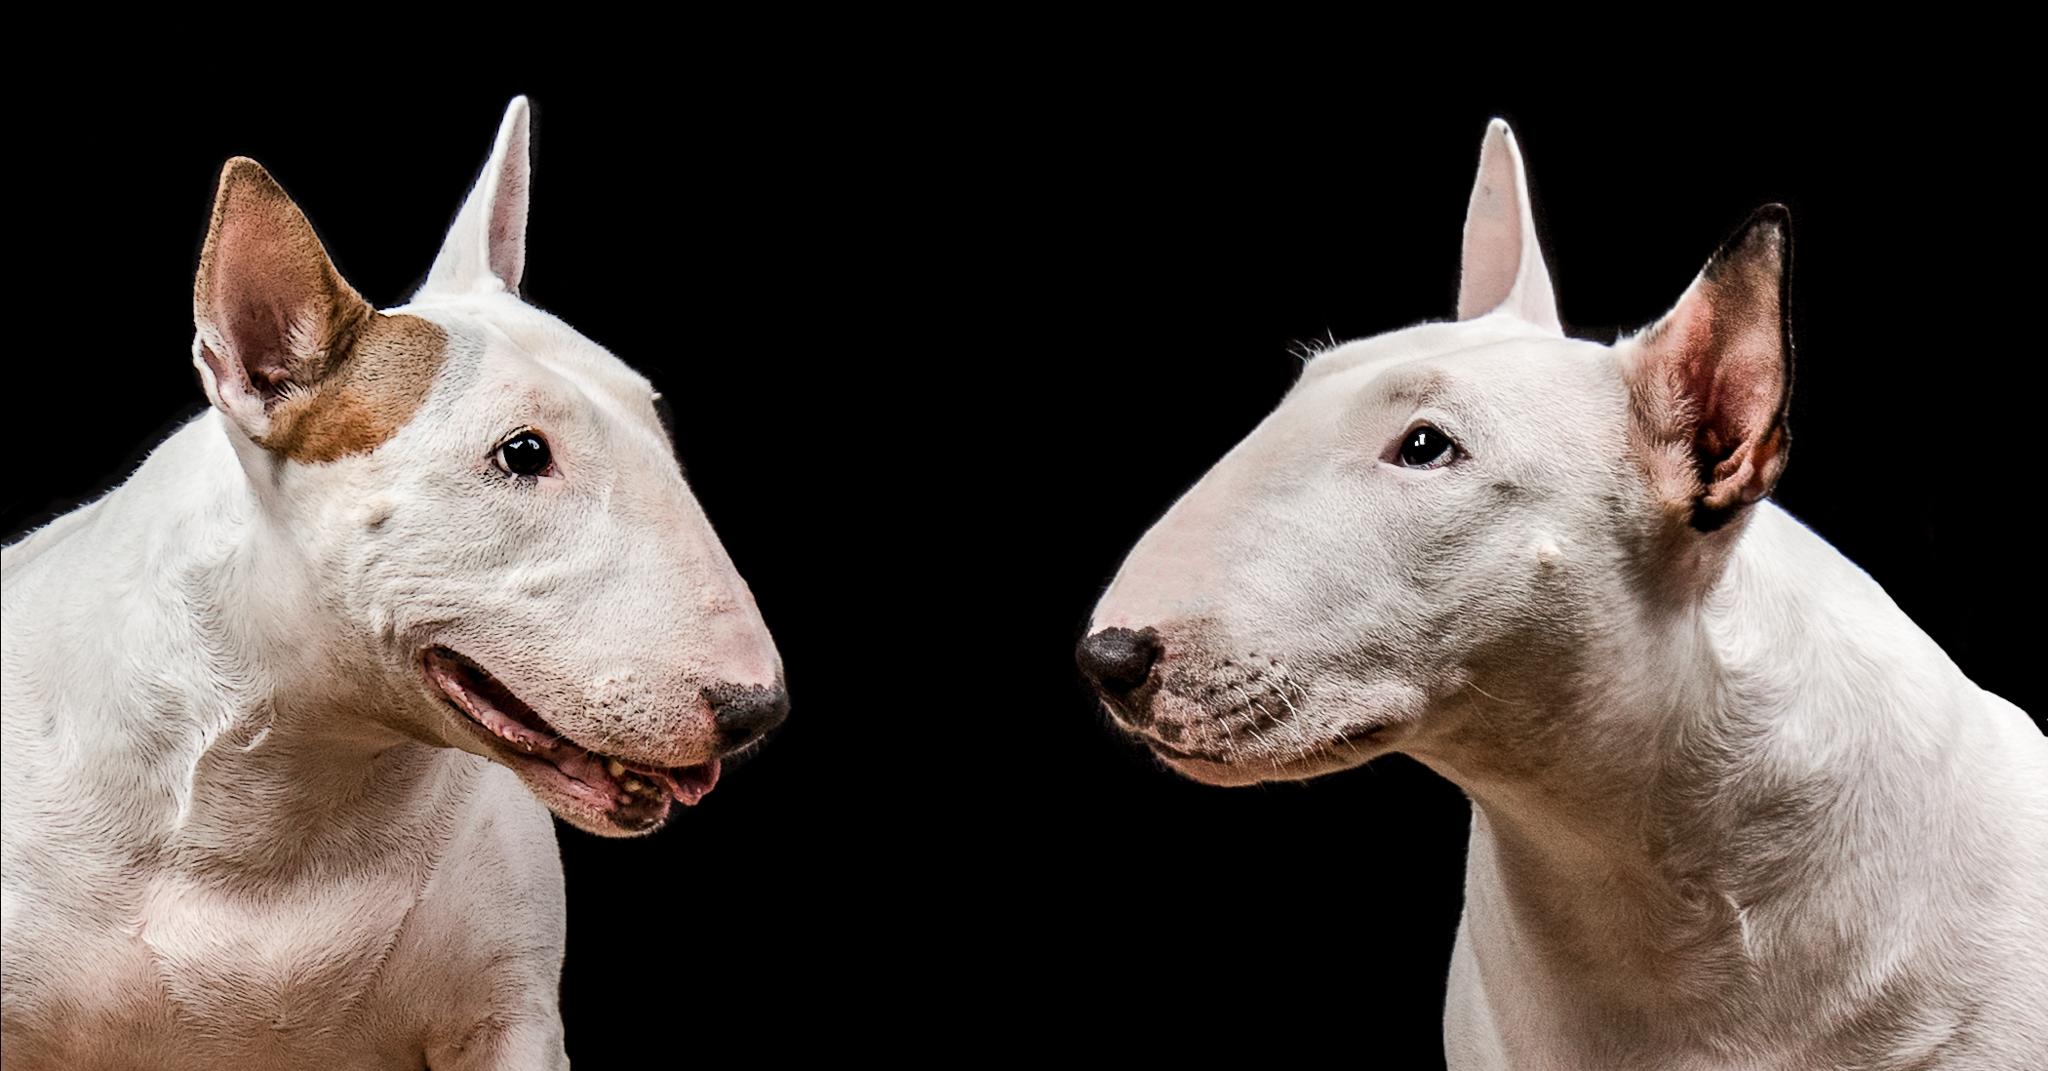 Gemma et Tia, Bull Terrier au Studio sur fond noir